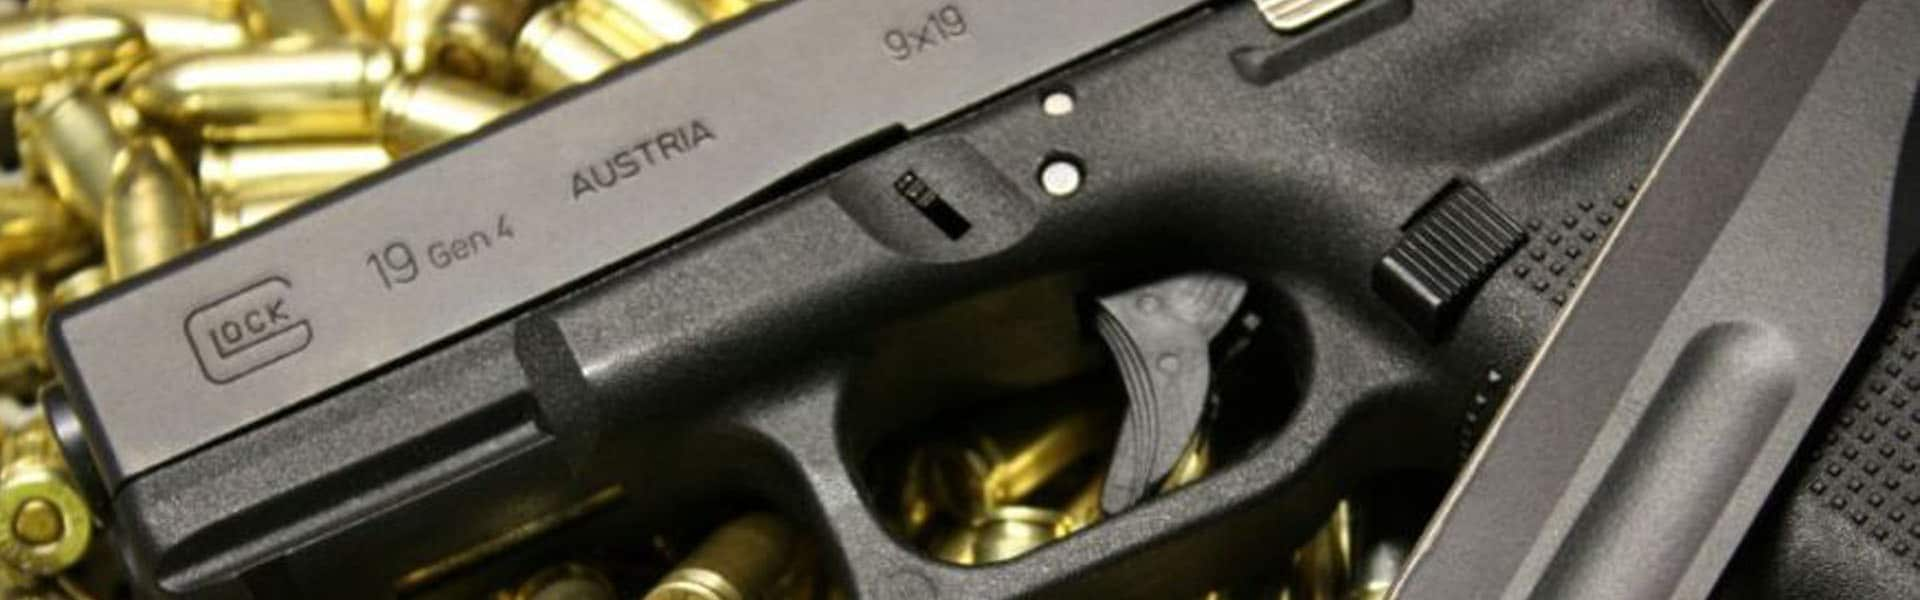 Glock 19 Gen 4 Review